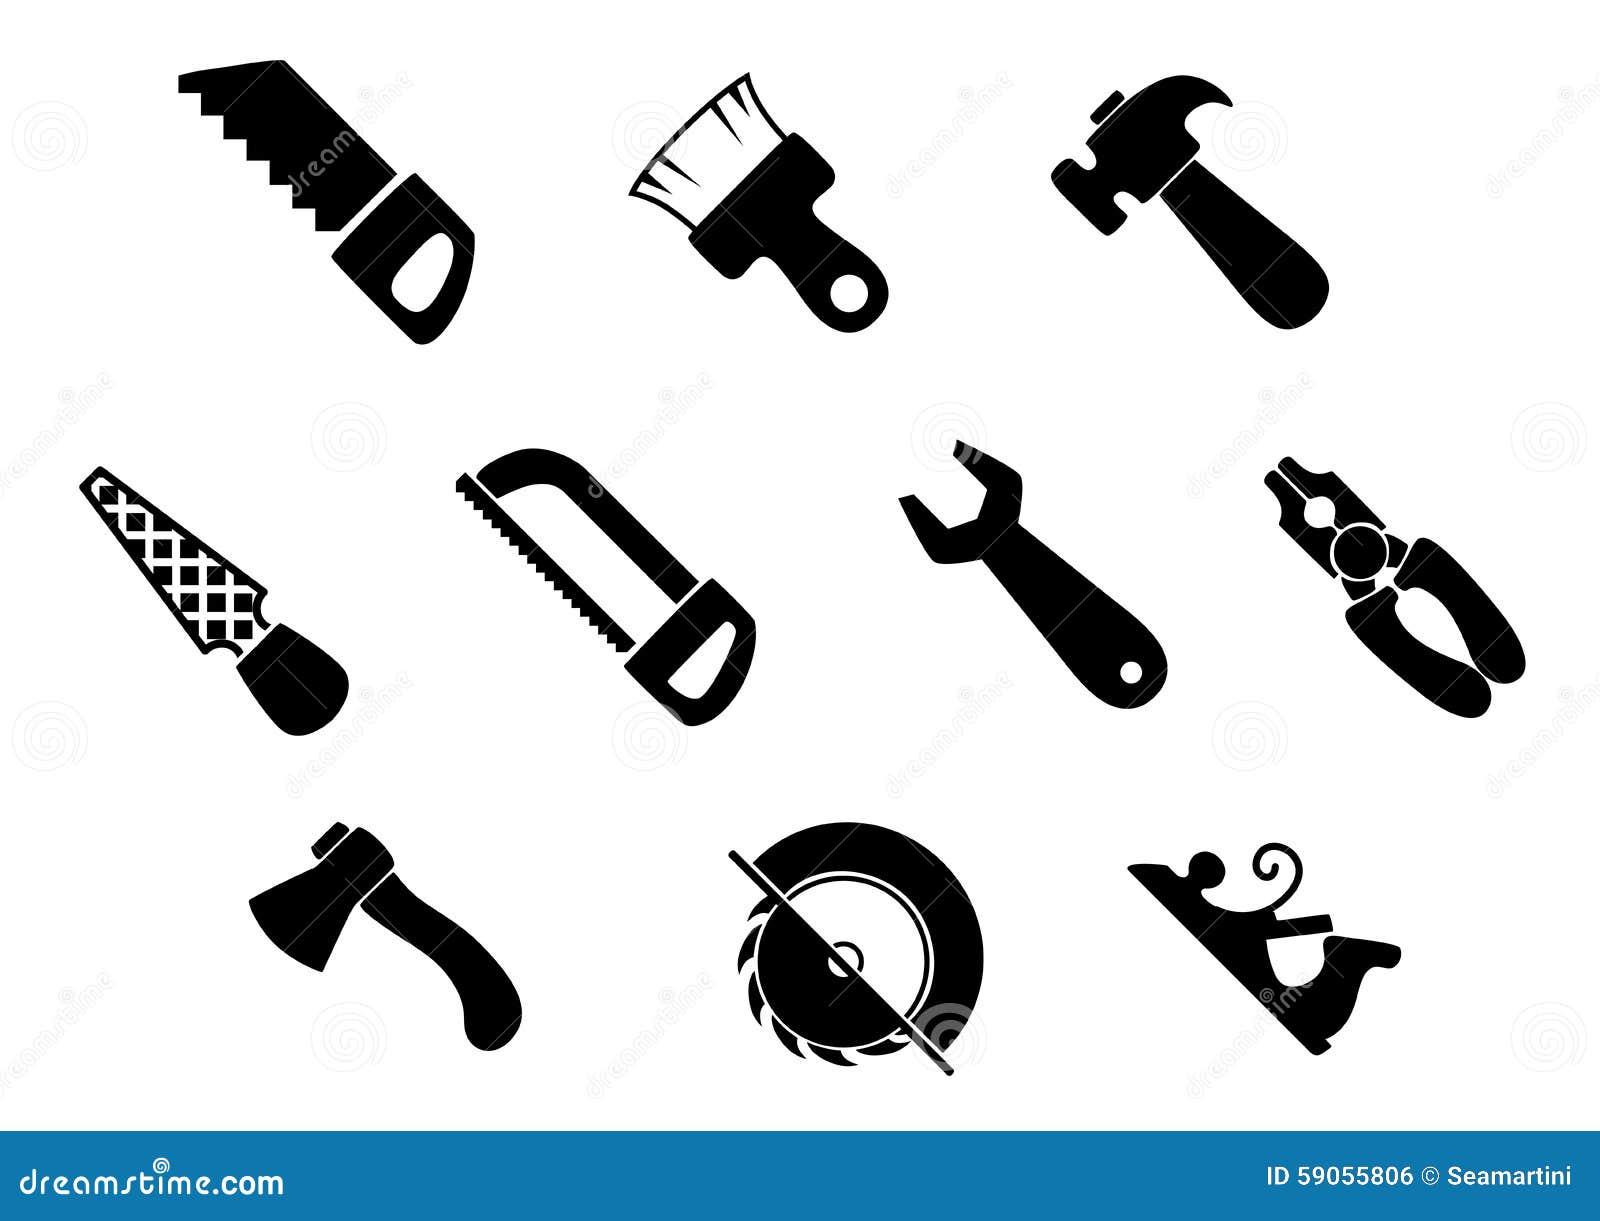 ensemble d 39 ic nes d 39 isolement d 39 outils de bricolage illustration de vecteur image 59055806. Black Bedroom Furniture Sets. Home Design Ideas